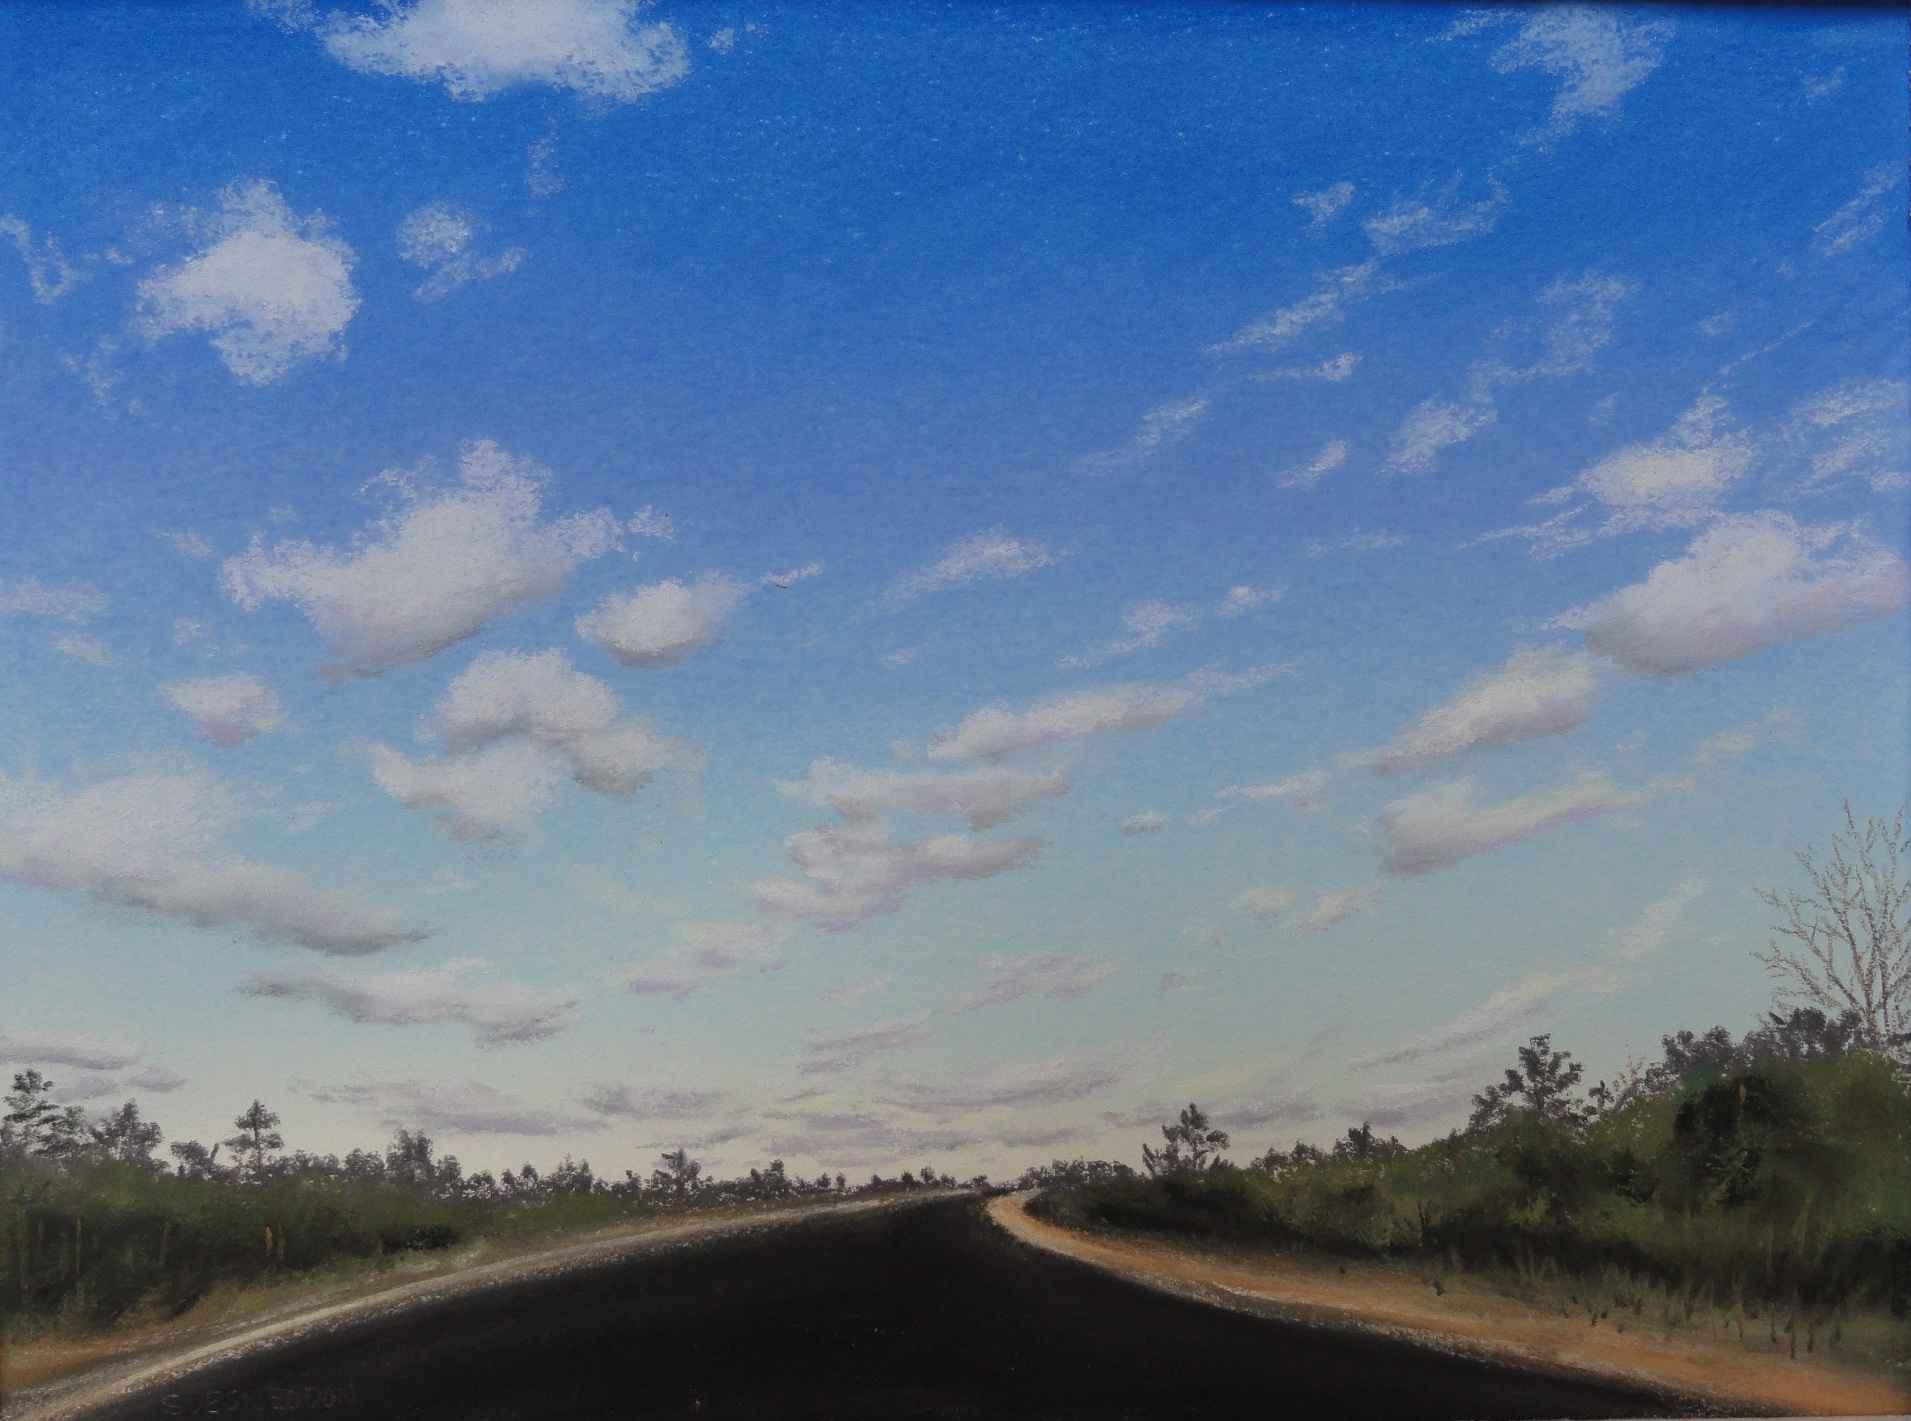 Ocean Highway Curve by  Sue Sneddon - Masterpiece Online